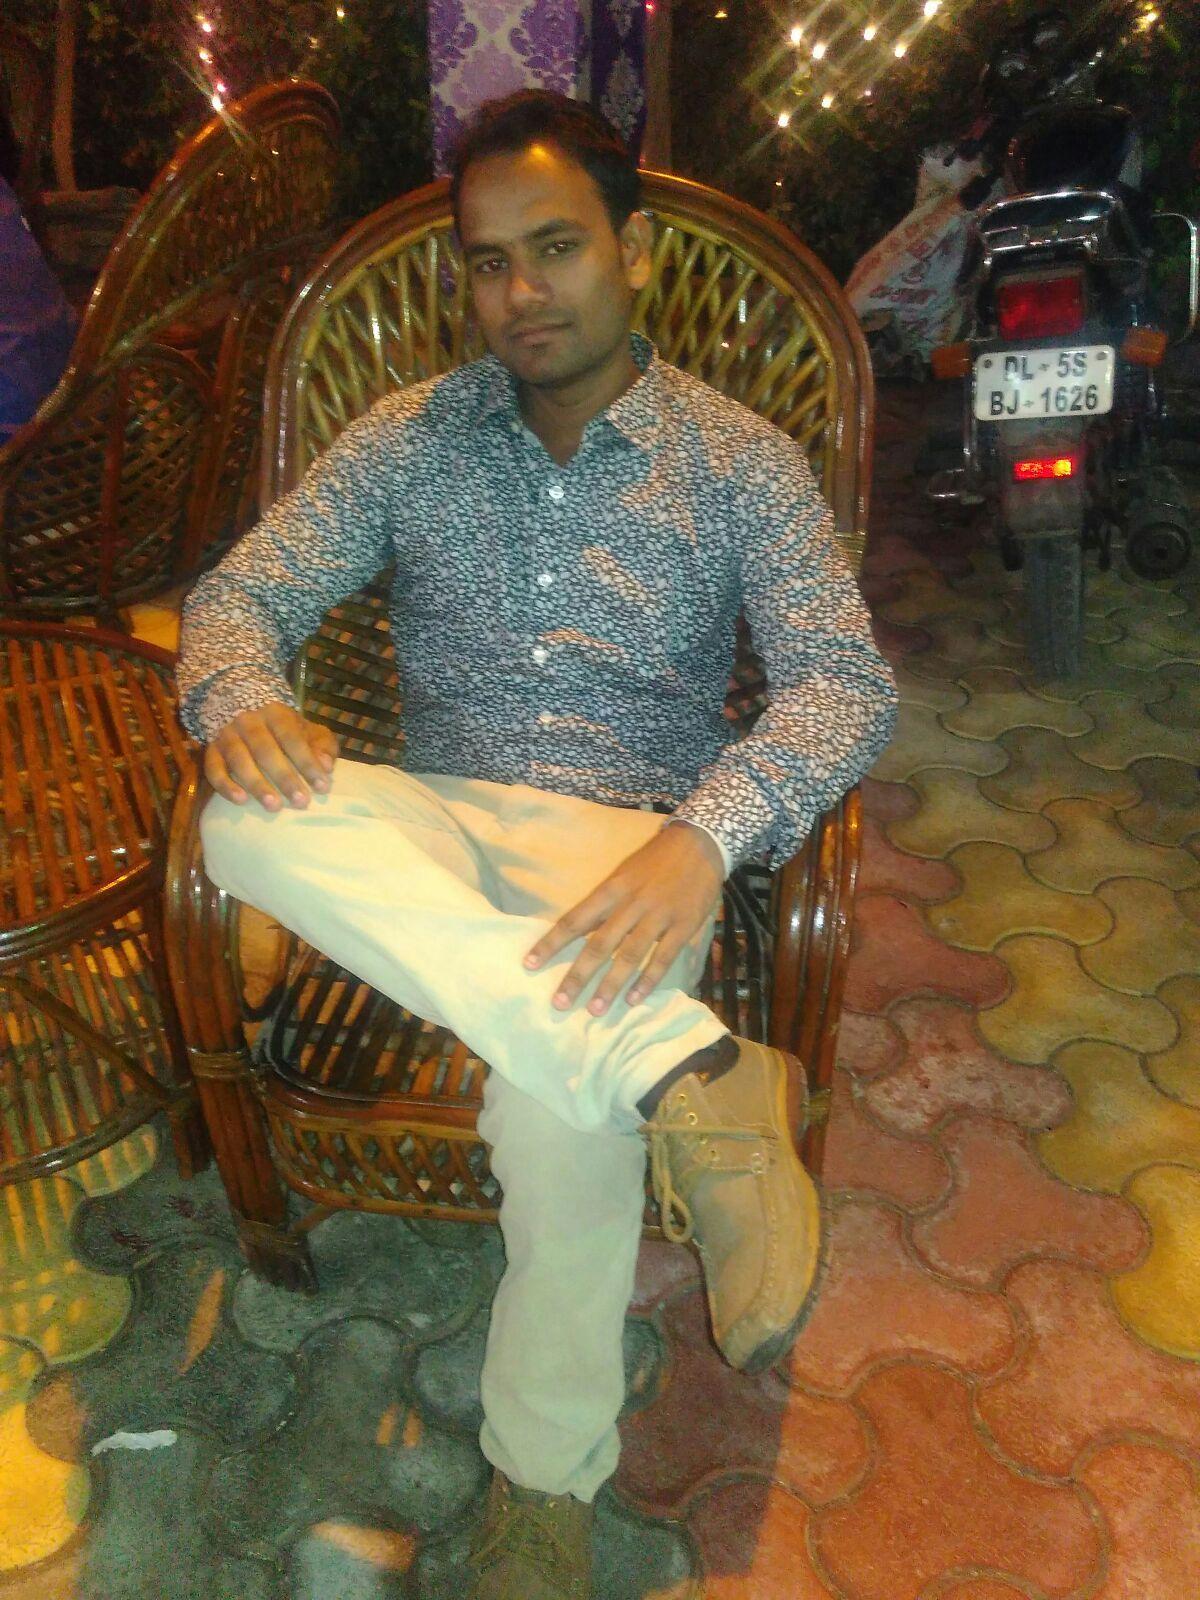 matrimonial resume format%0A Himanshu Maheshwari